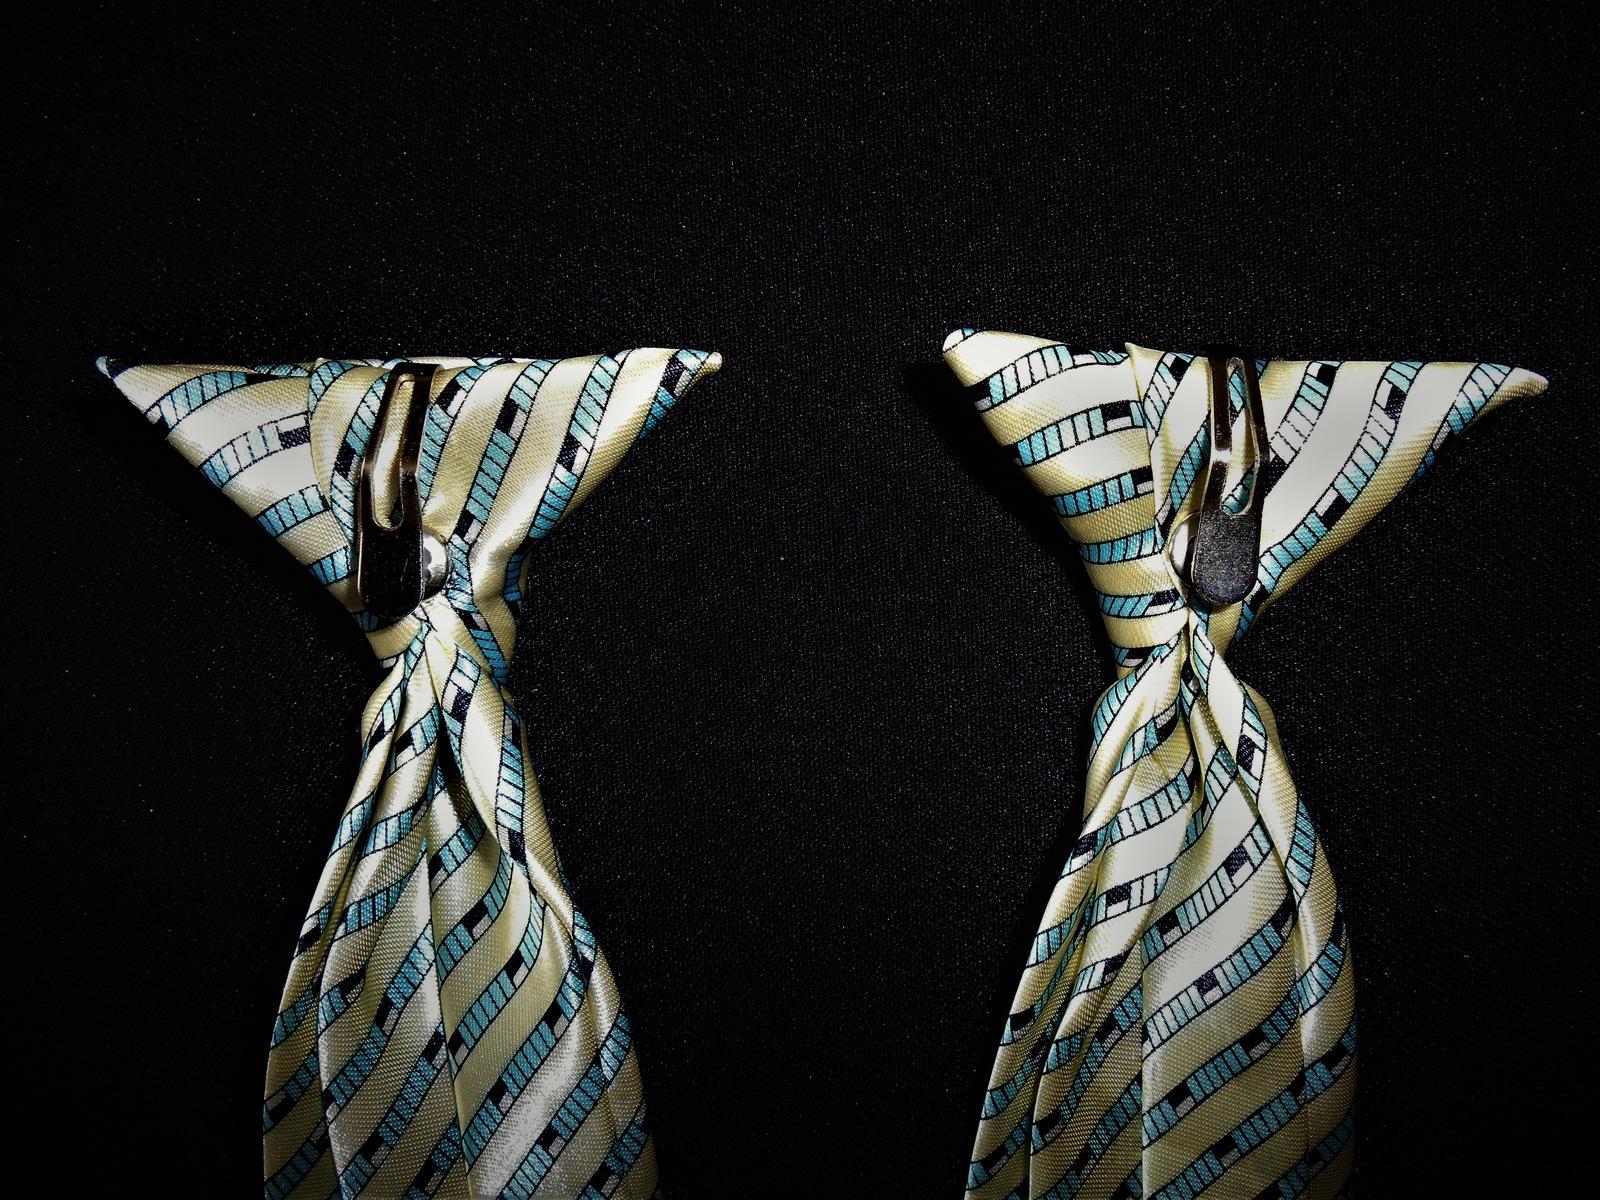 2x detská kravata cena spolu - Obrázok č. 3